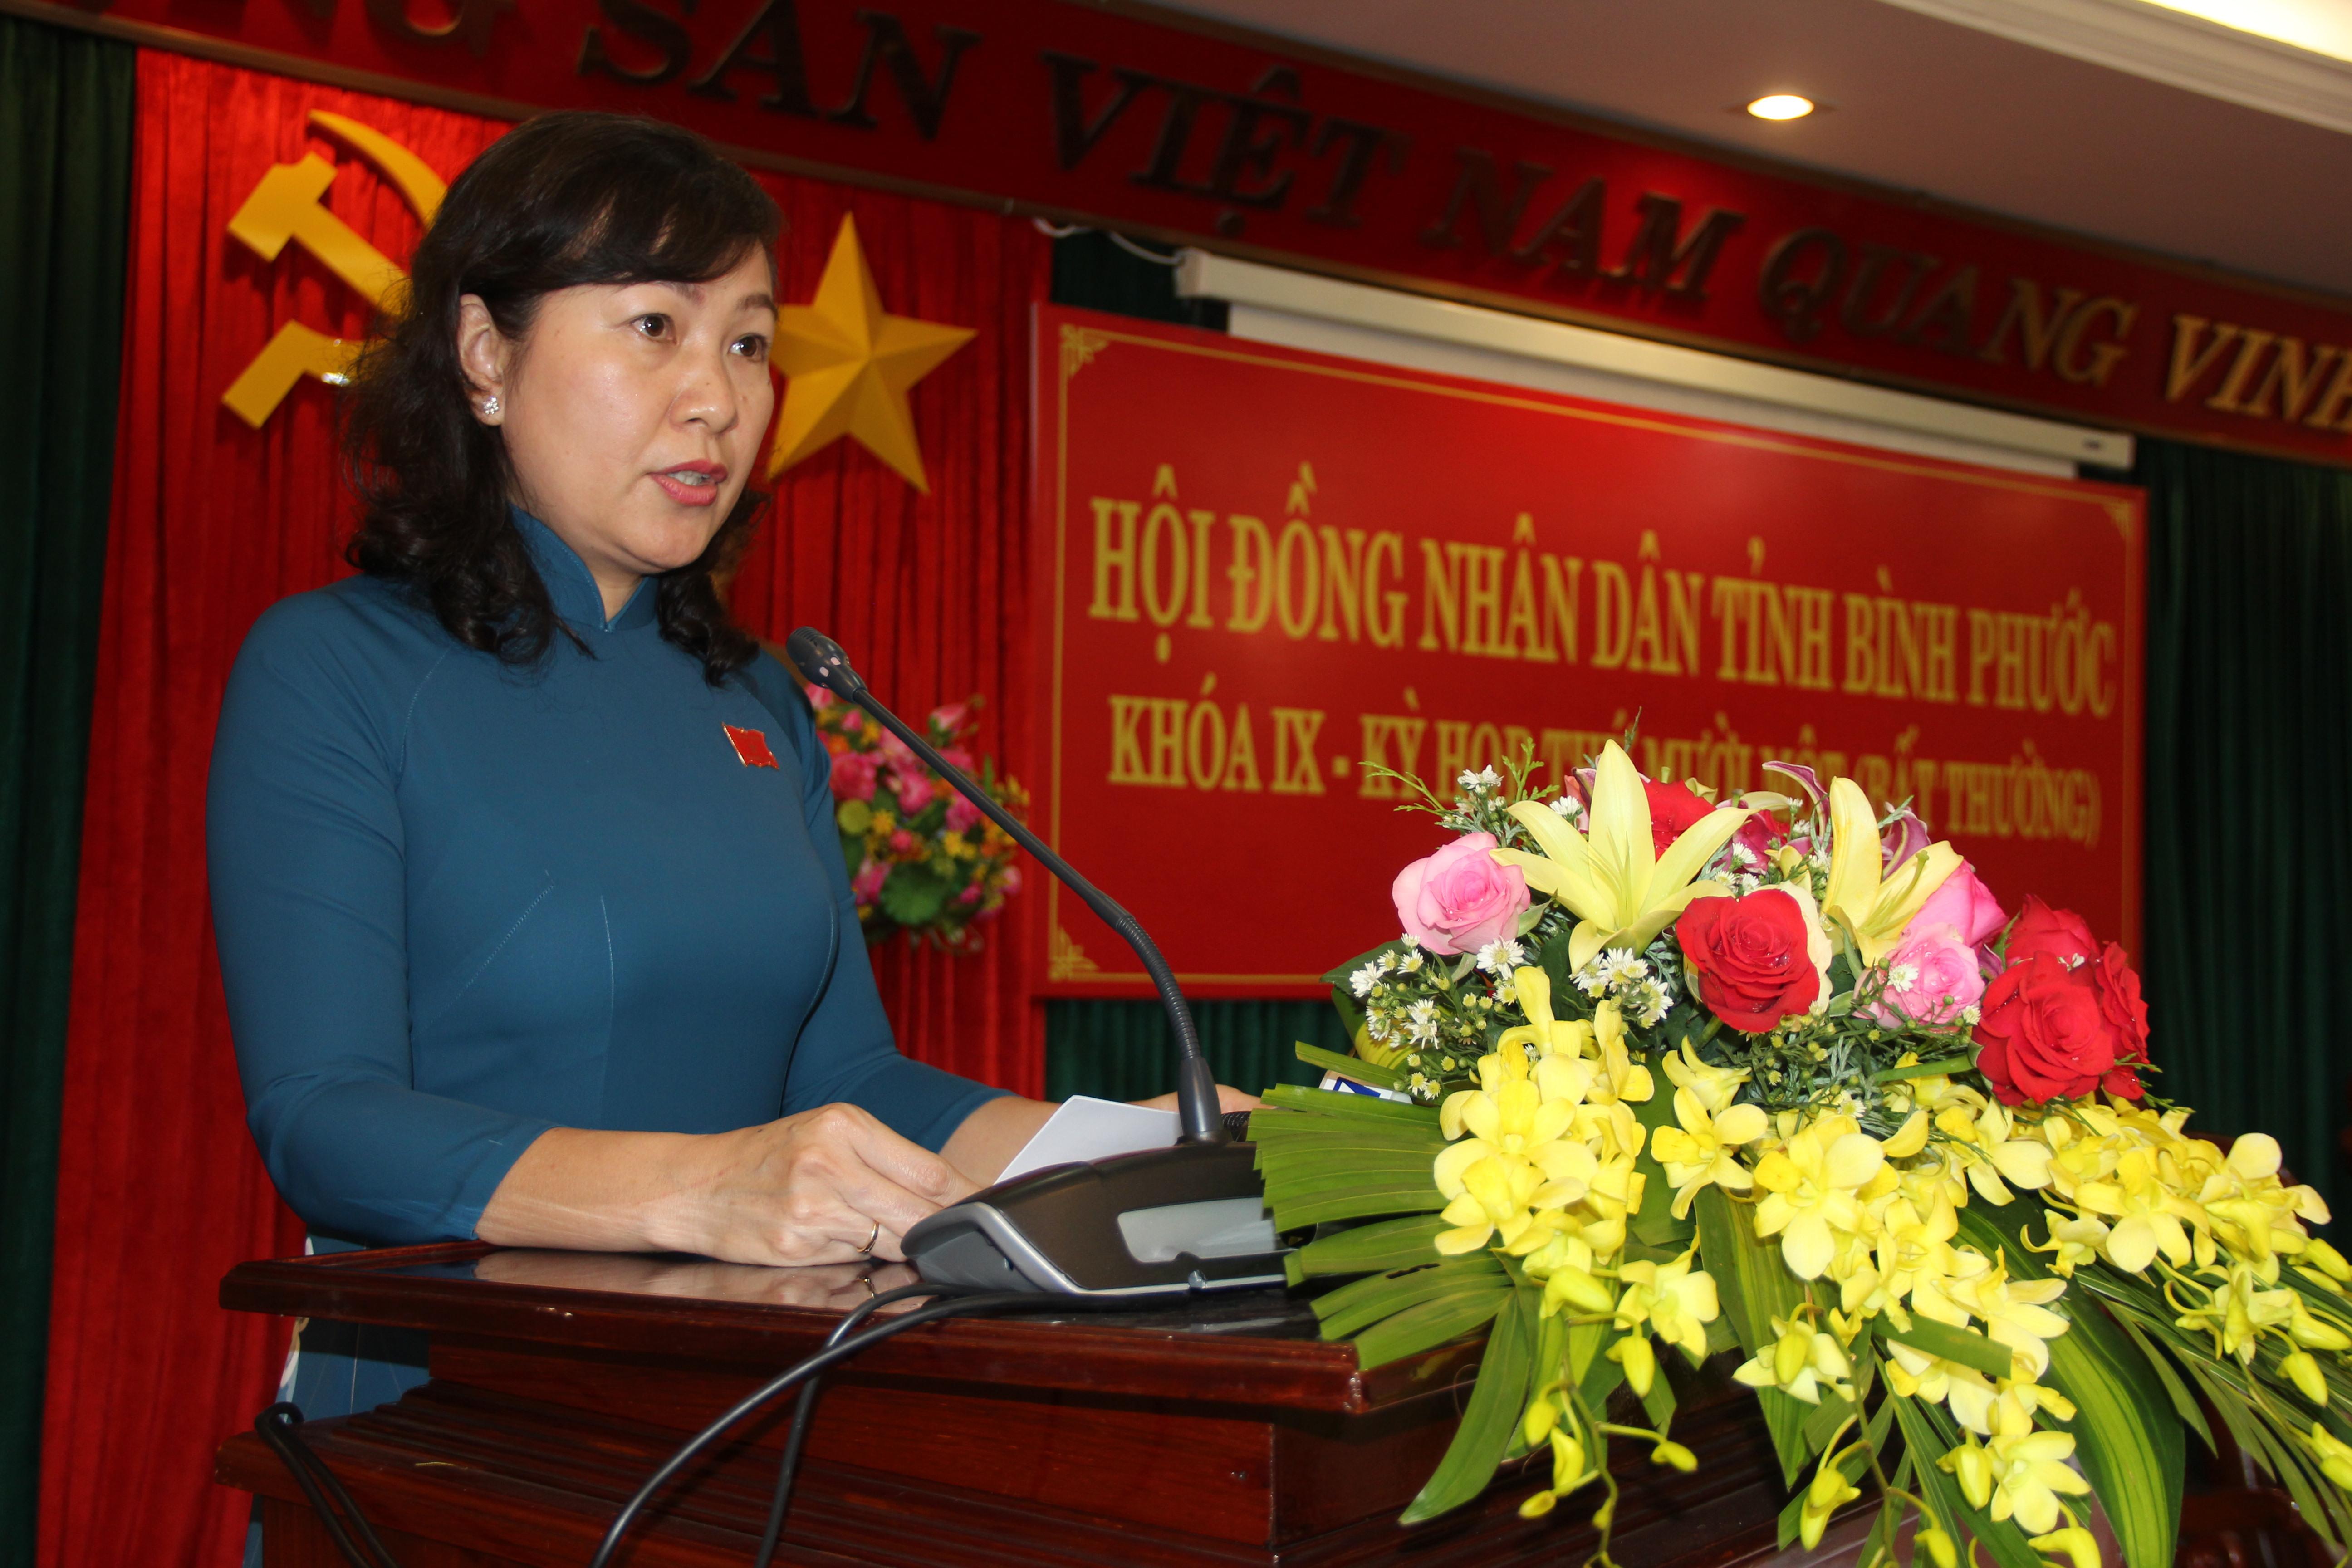 Bà Huỳnh Thị Hằng, tân Chủ tịch HĐND tỉnh Bình Phước phát biểu nhận nhiệm vụ mới